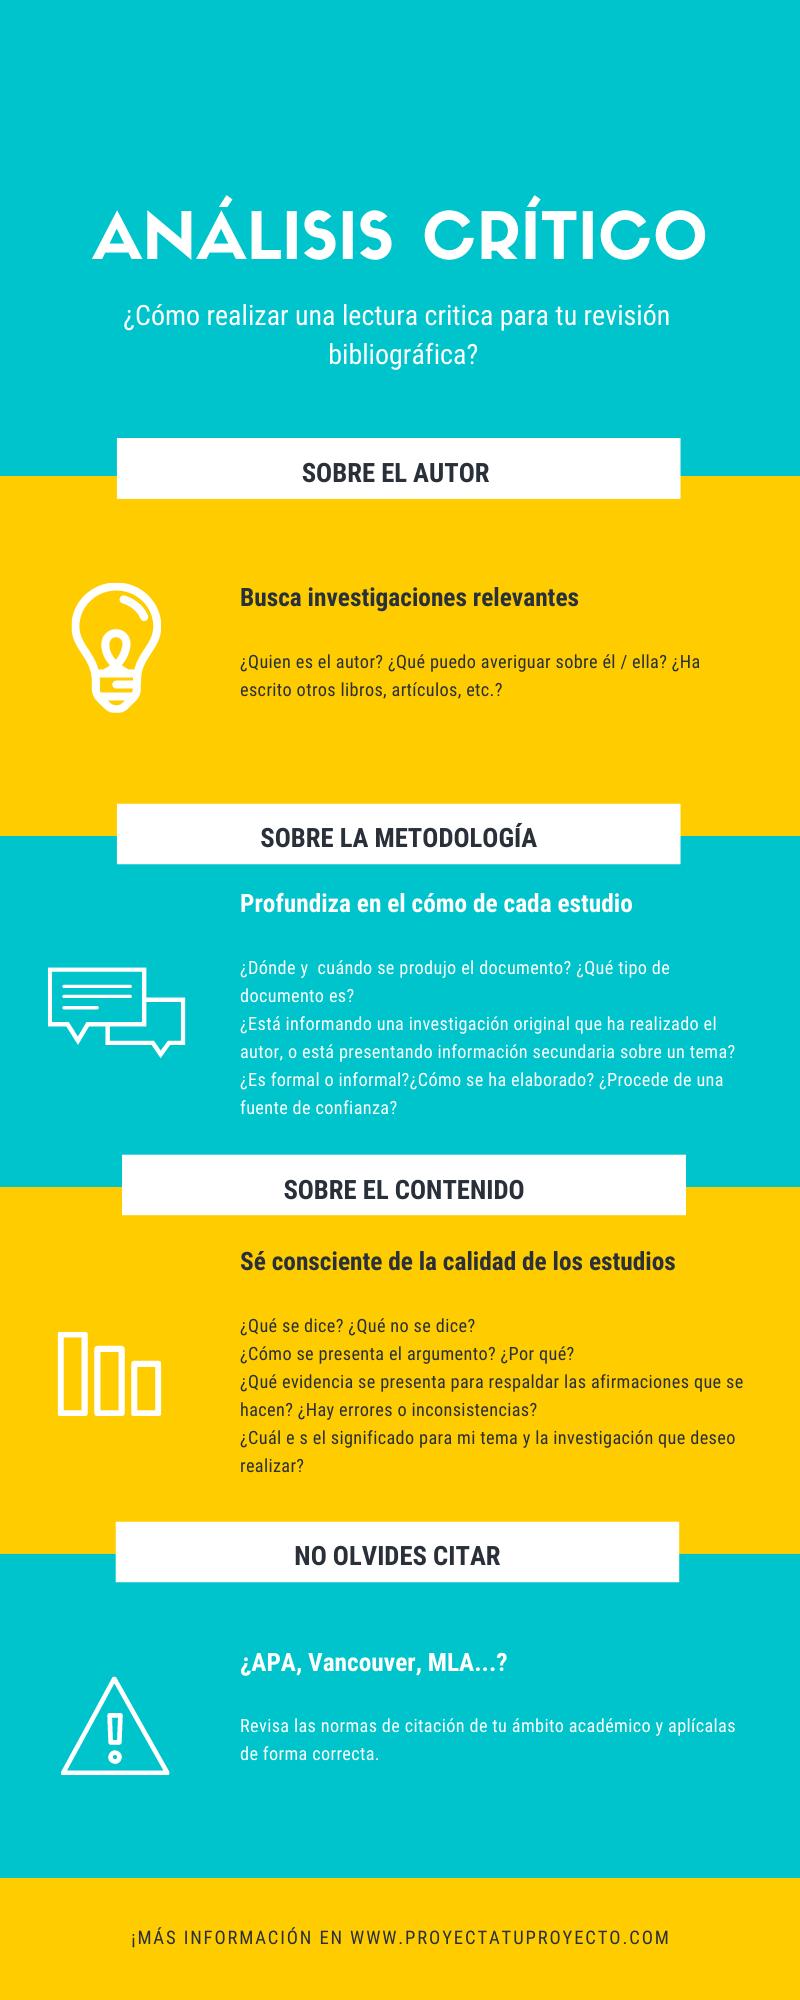 Infografía sobre los pasos para realizar la lectura crítica